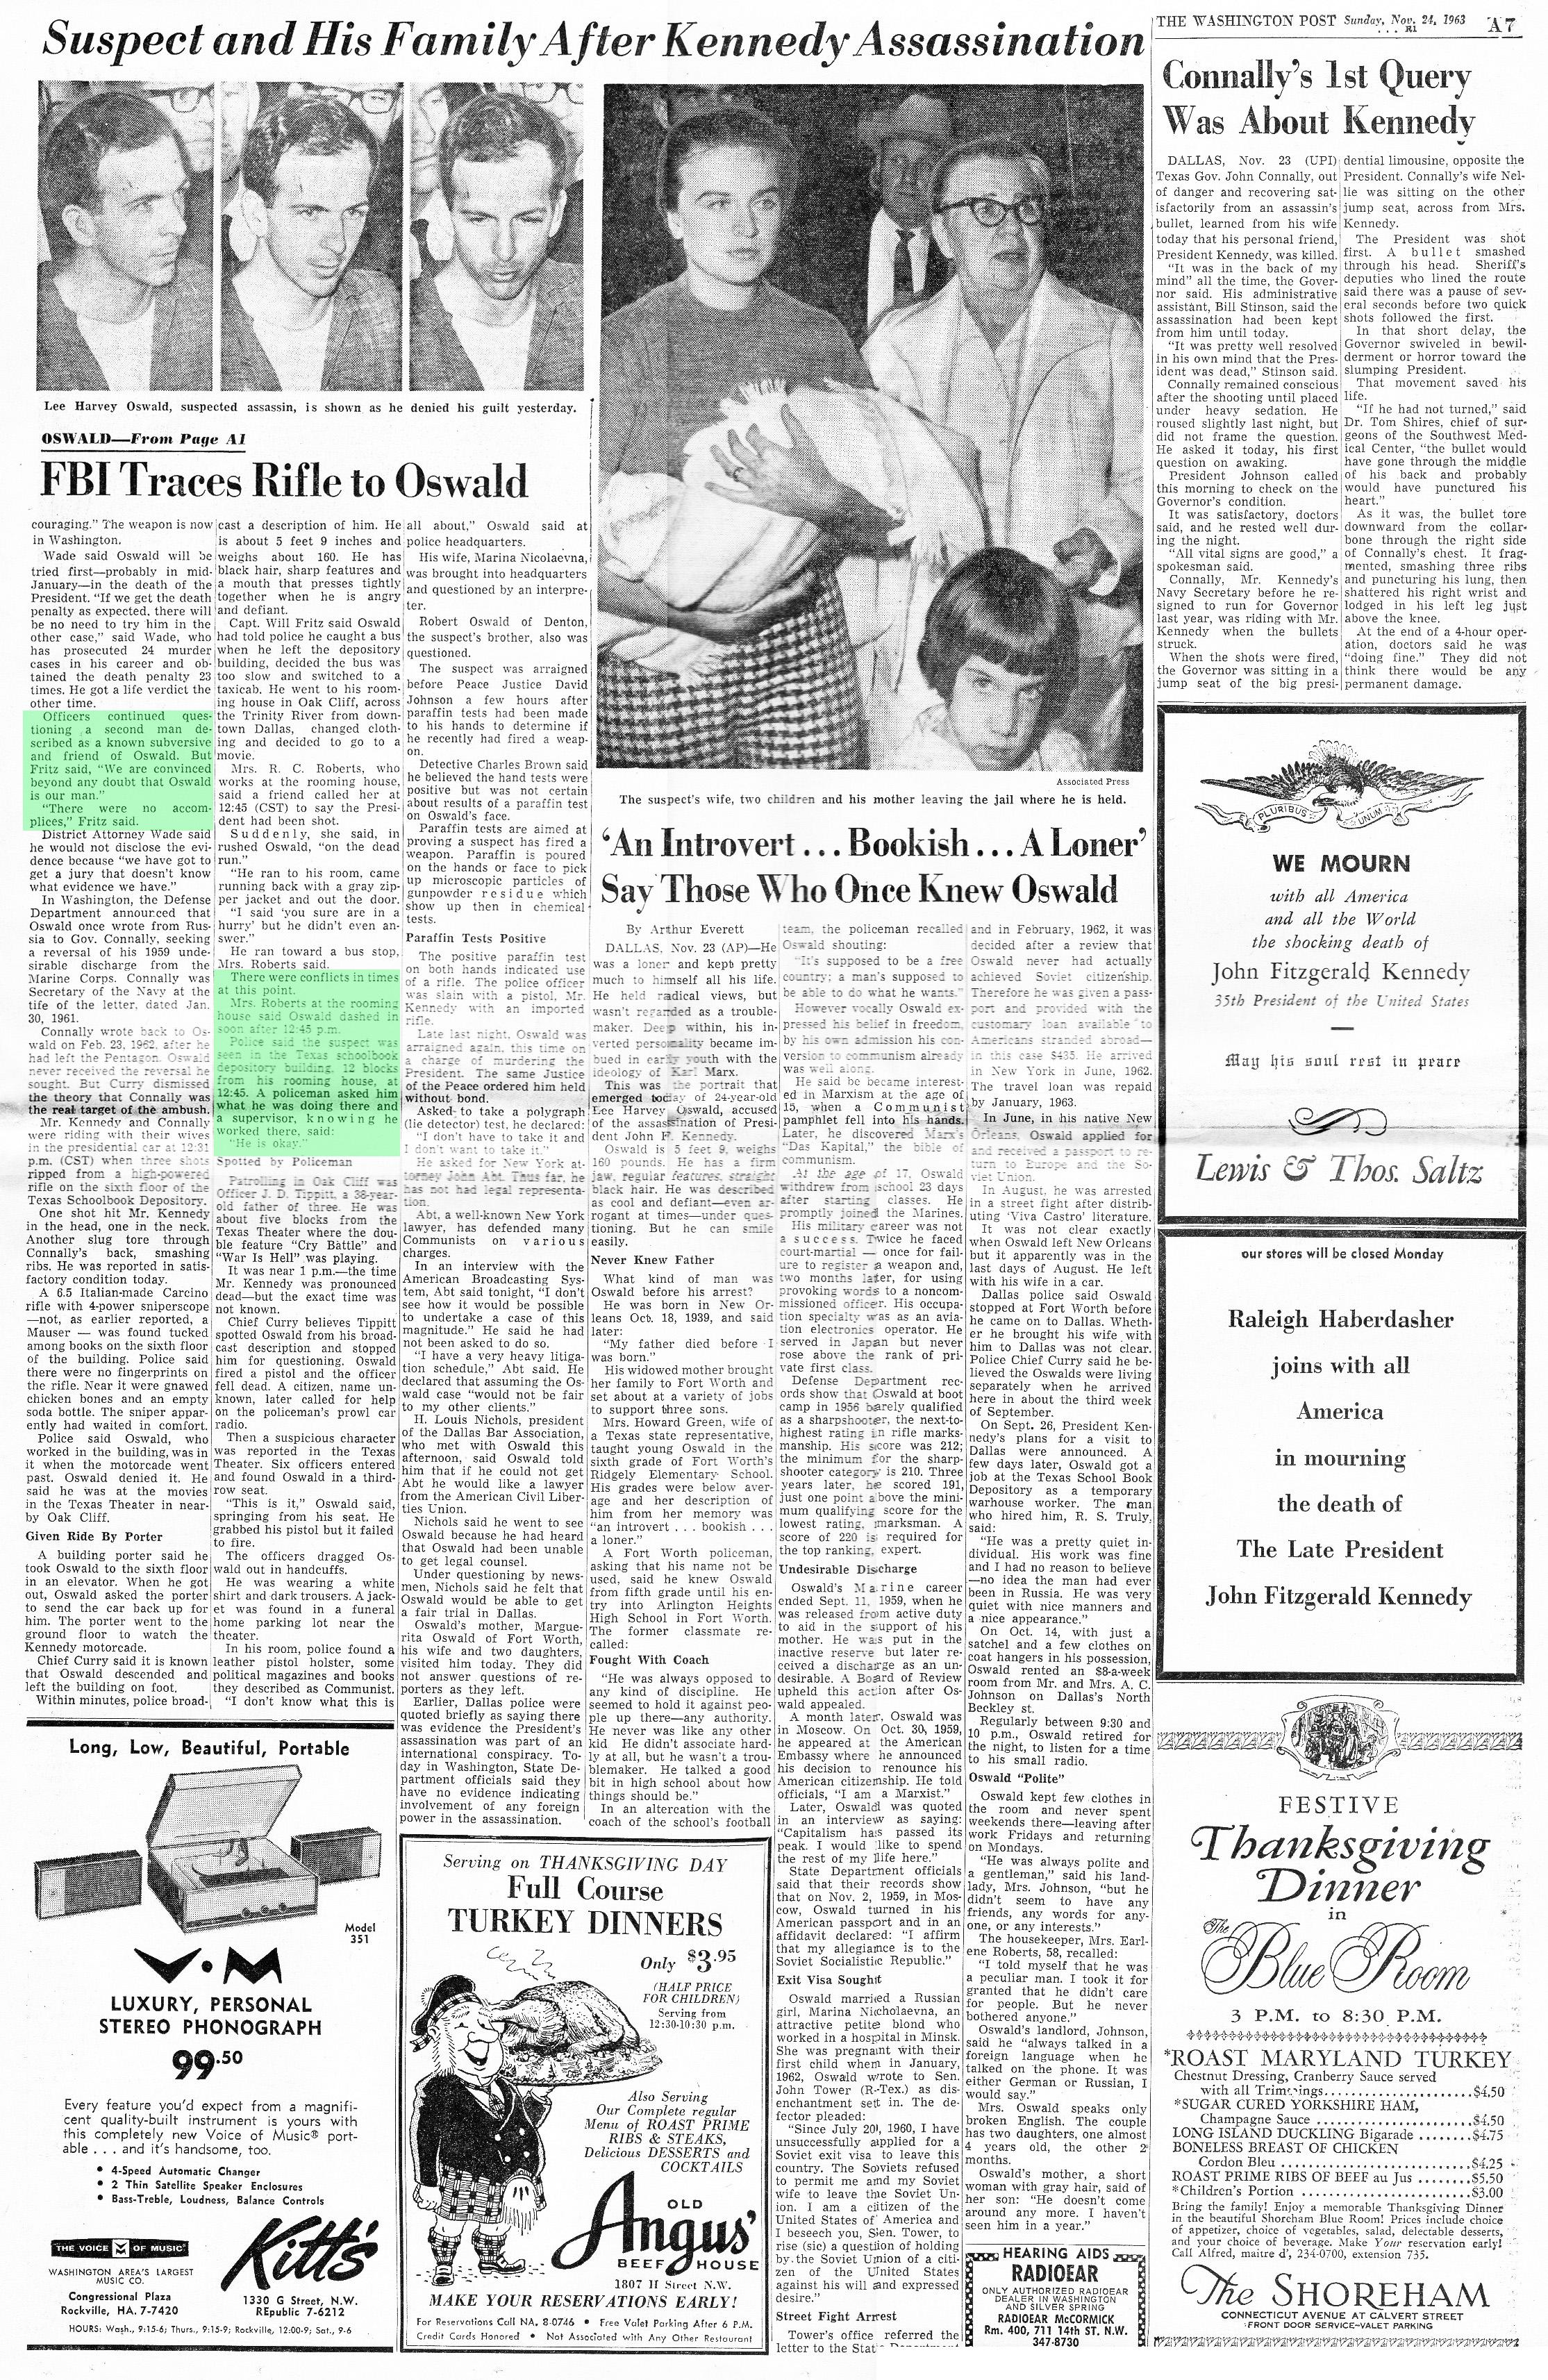 Floor - Anatomy Of A Second Floor Lunchroom Encounter WAshington-Post-Nov-24-1963-page-7-ROKC-Scan-1